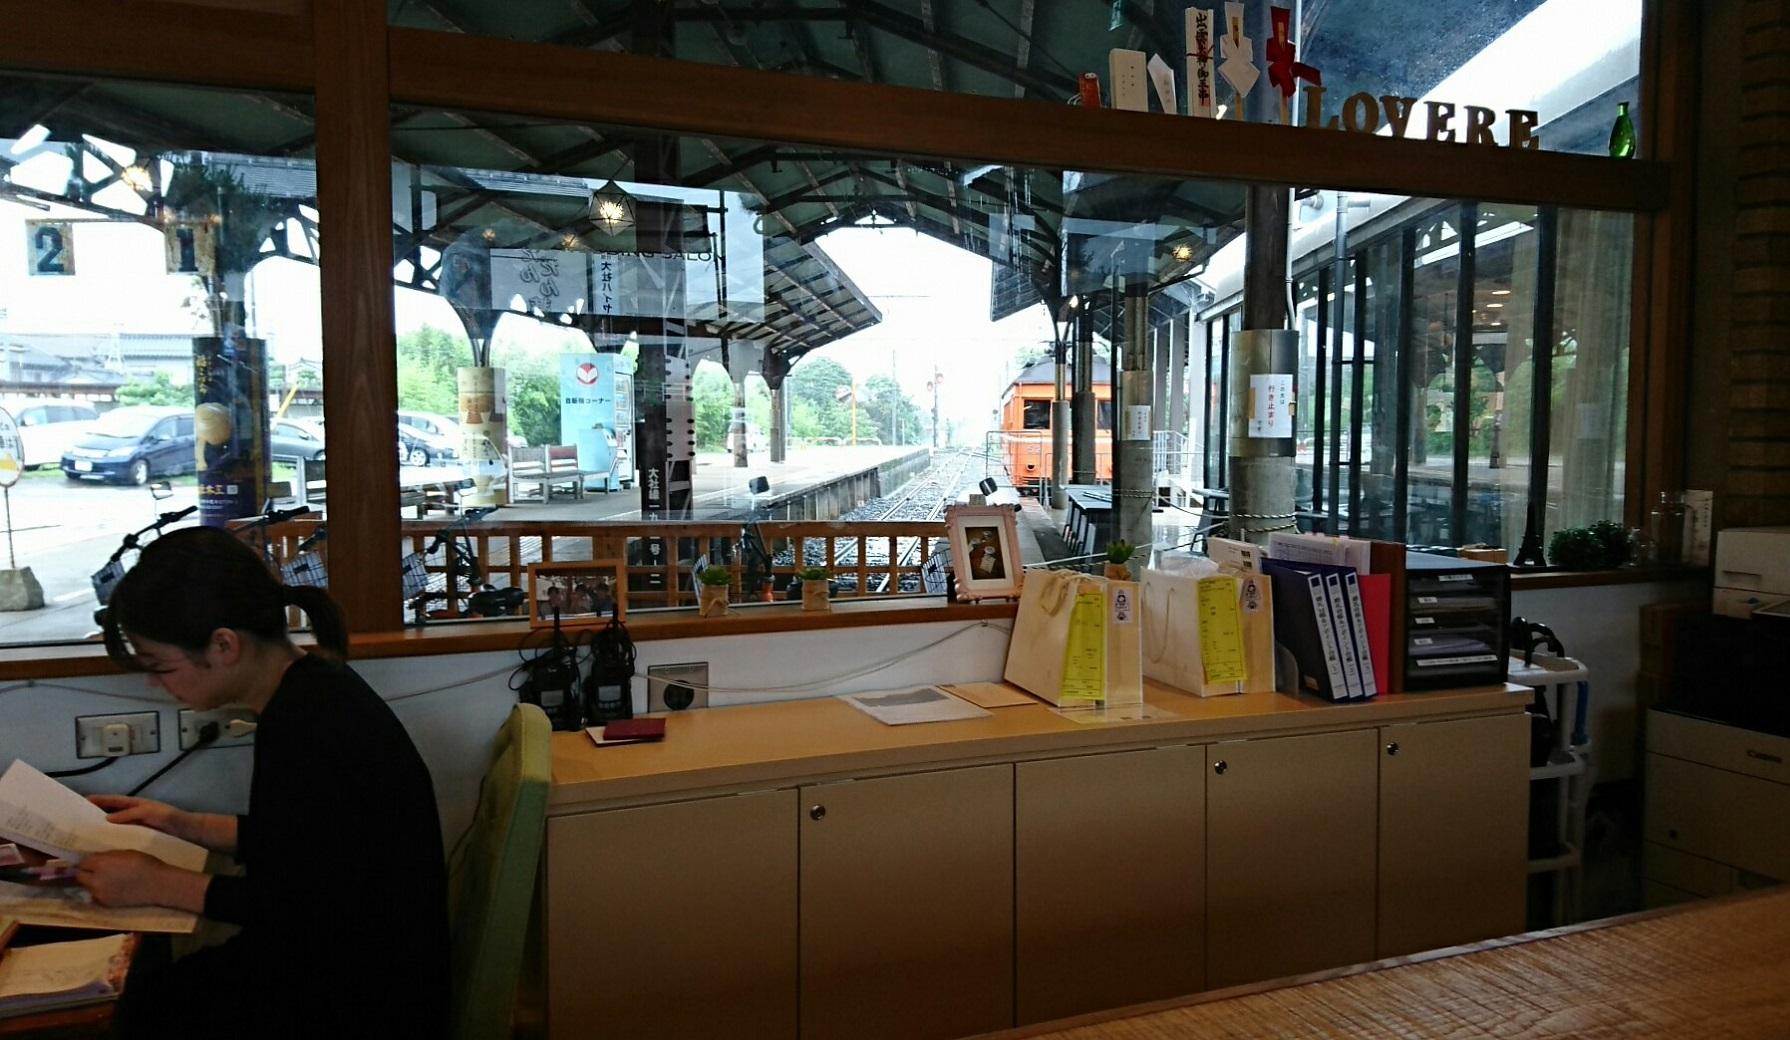 2018.7.6 (122あ) 出雲大社前 - ヱディングサロンとカフェ 1790-1040